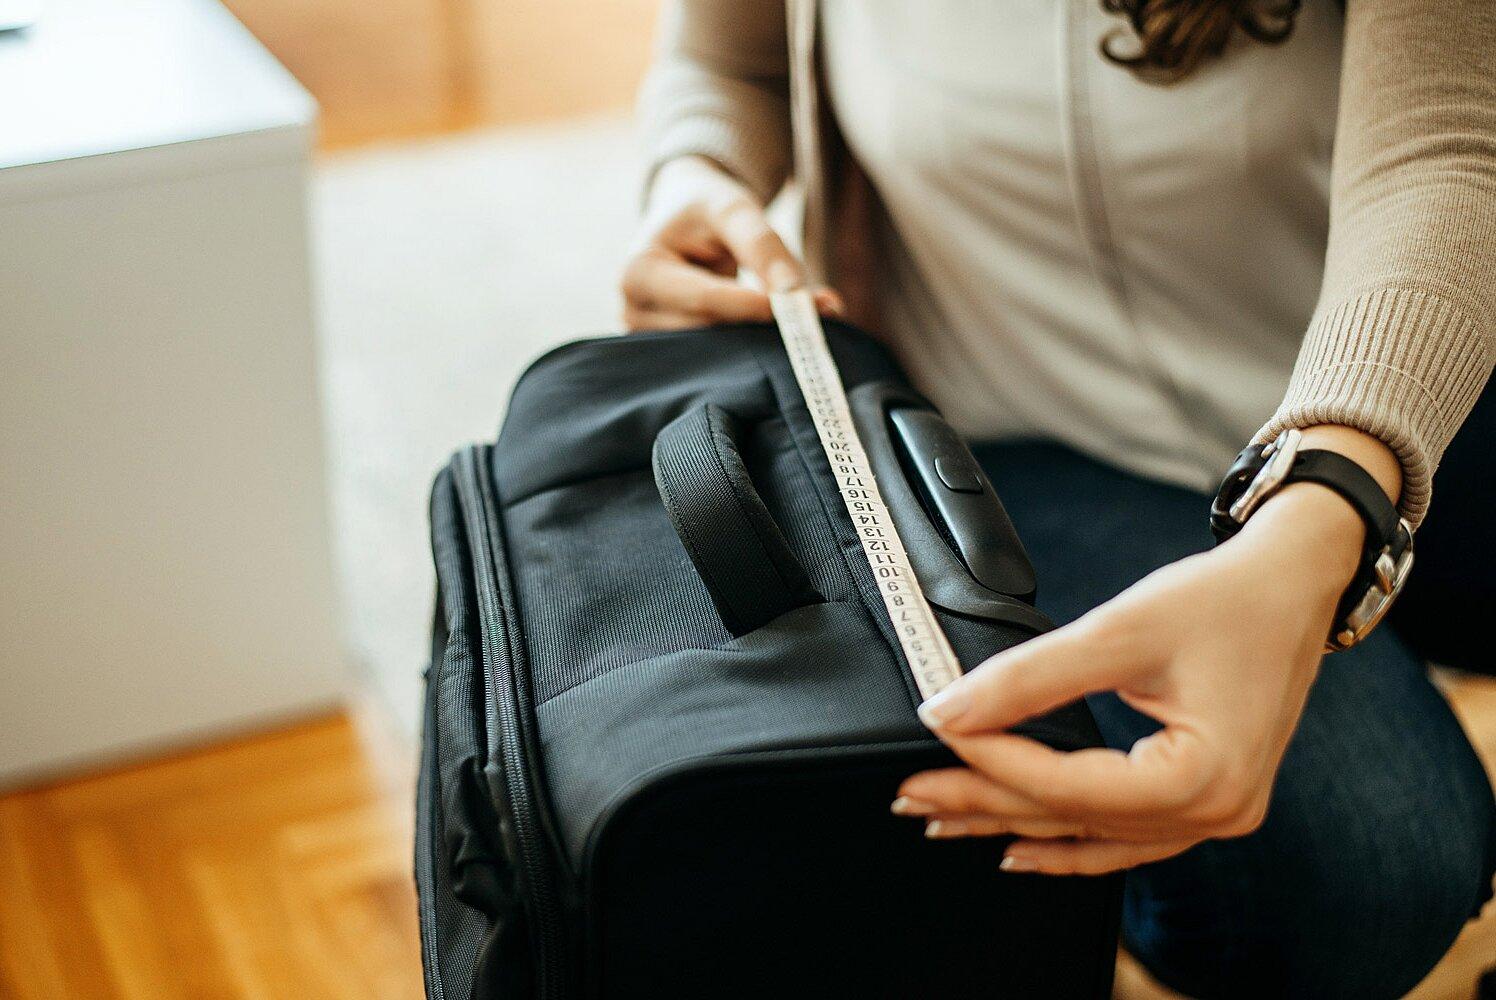 Quy định về vali xách tay khi đi máy bay